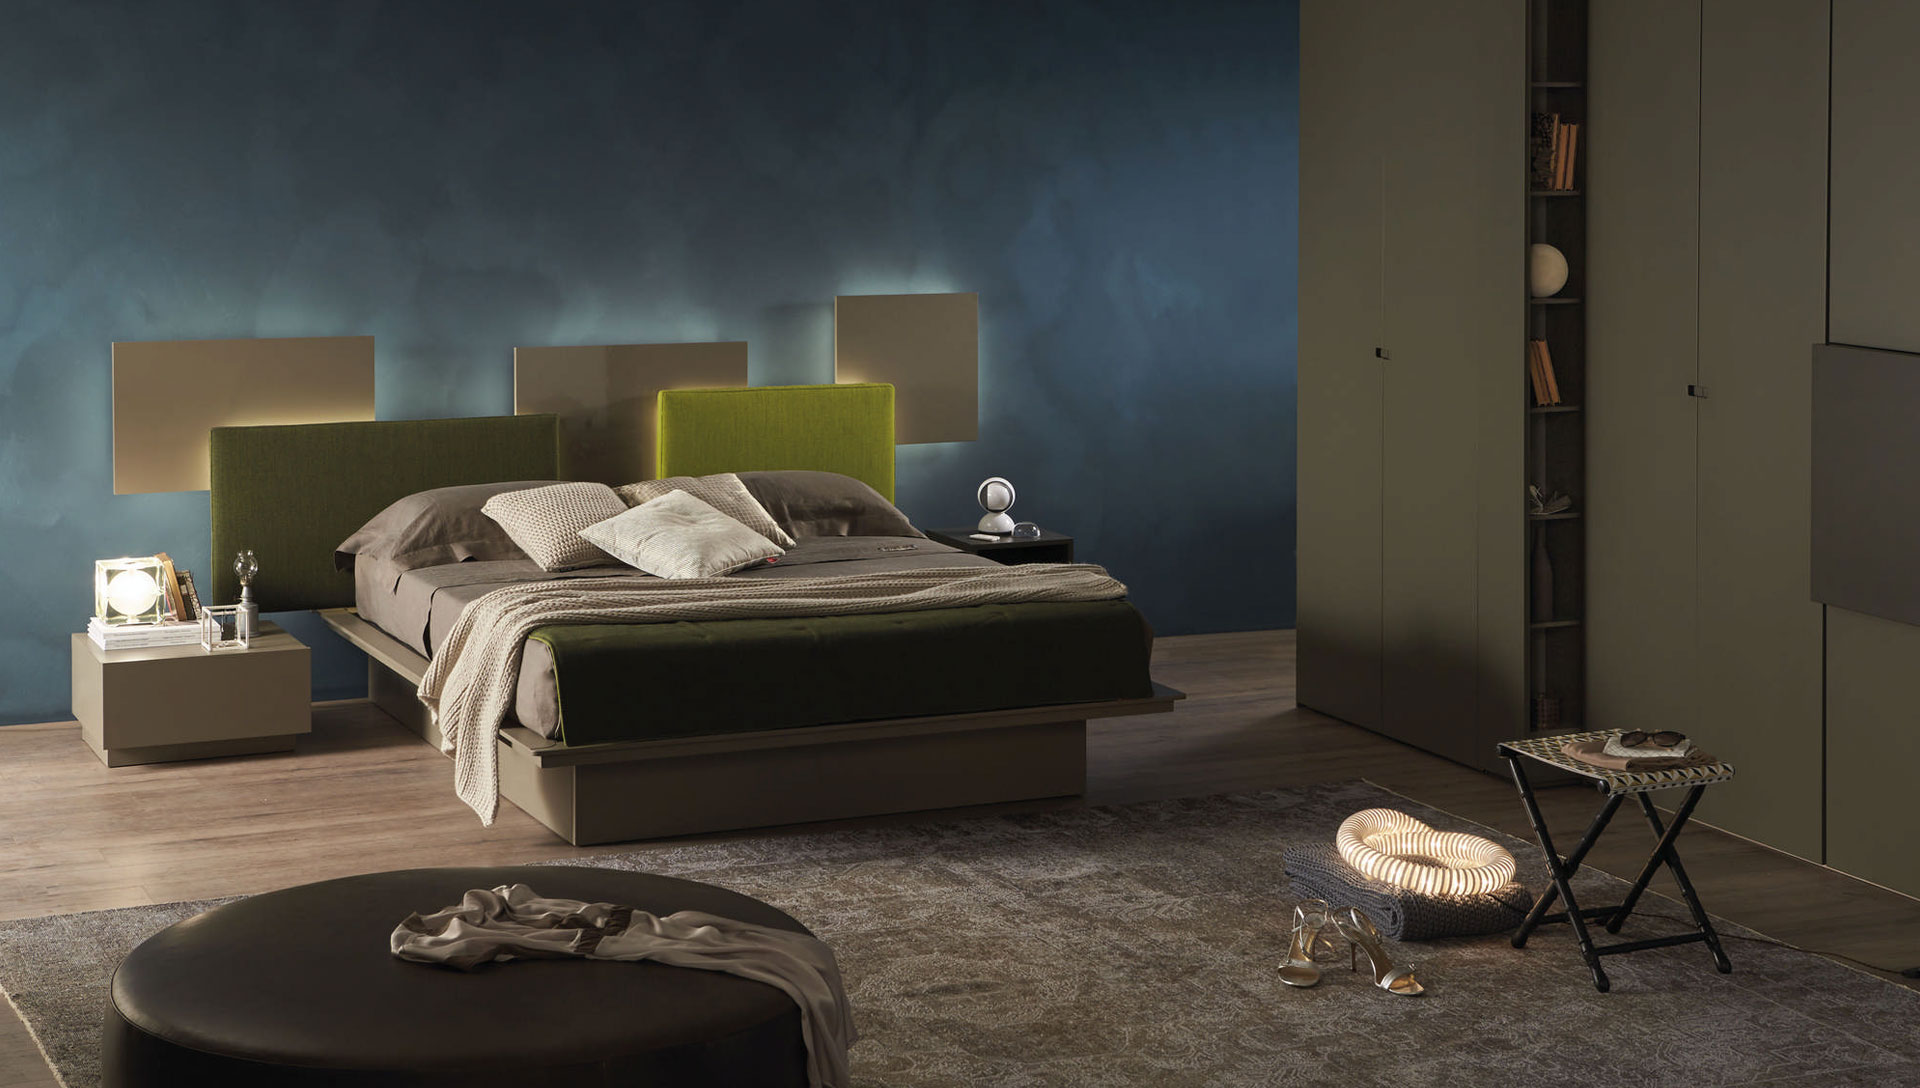 zona-notte-fimes-comodus-arredamenti-nicoletti-interni-interior-design-divani-complementi-arredo-mobili-design-accessori-matera